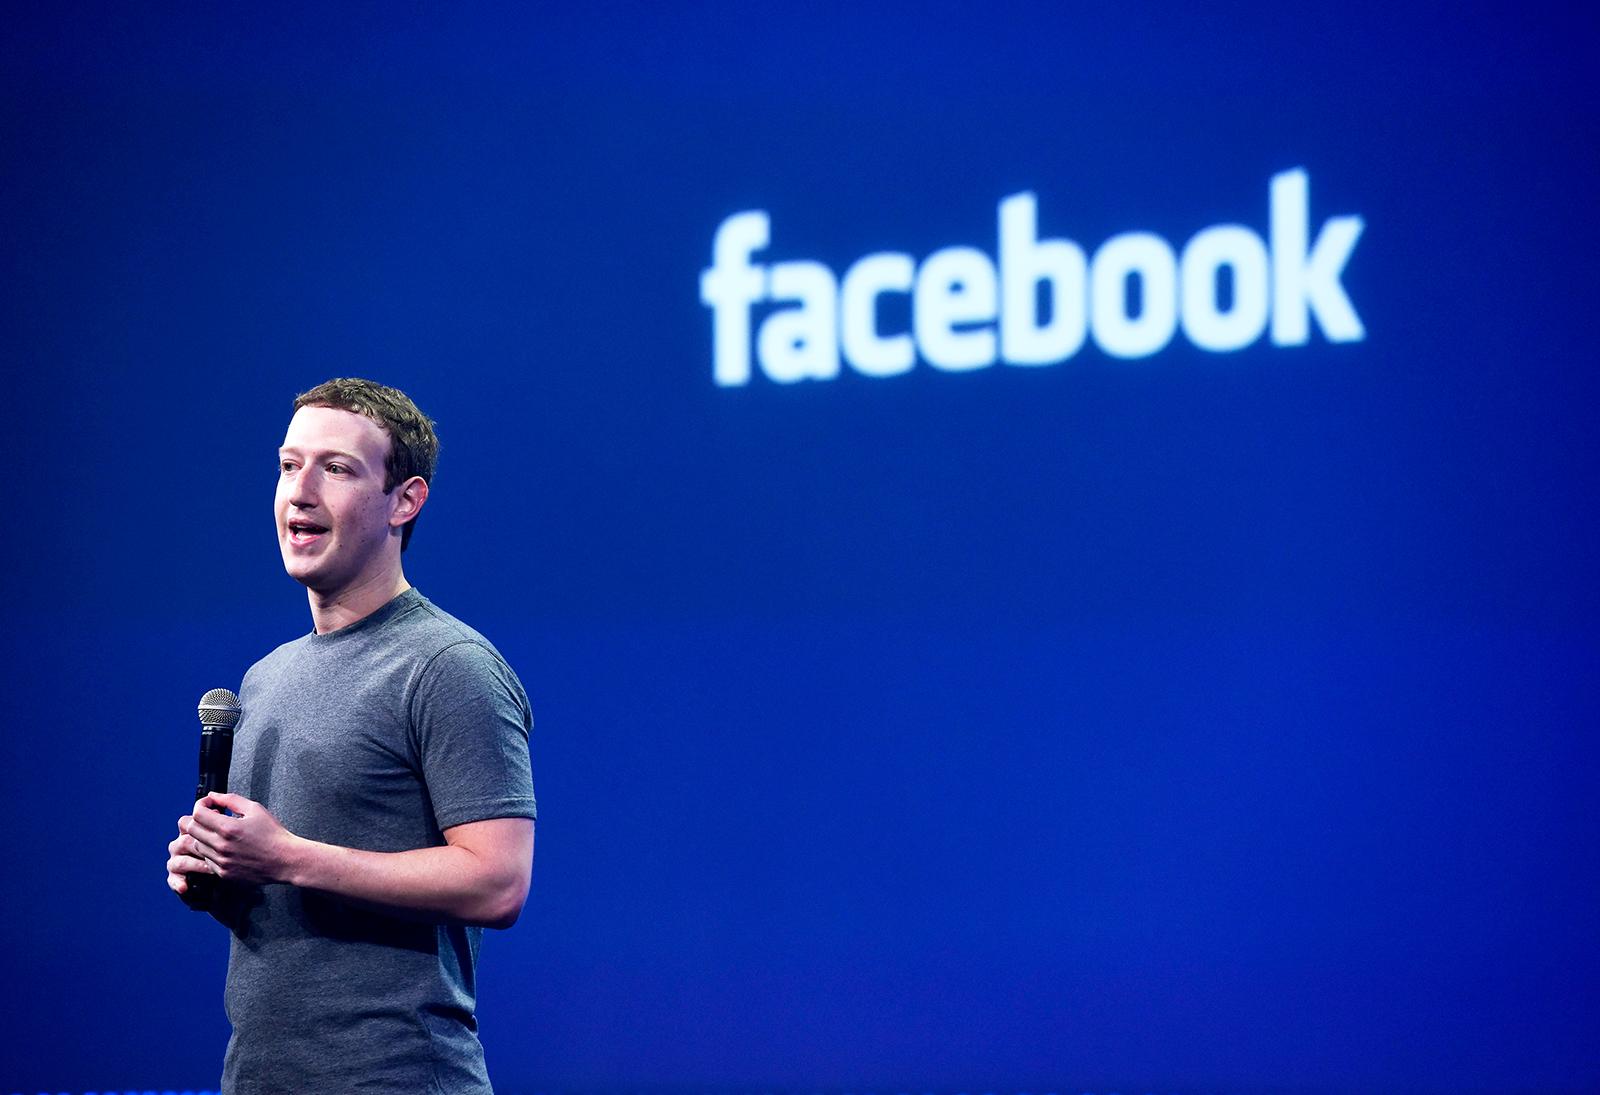 Las cifras de Facebook demuestran que no tiene límites